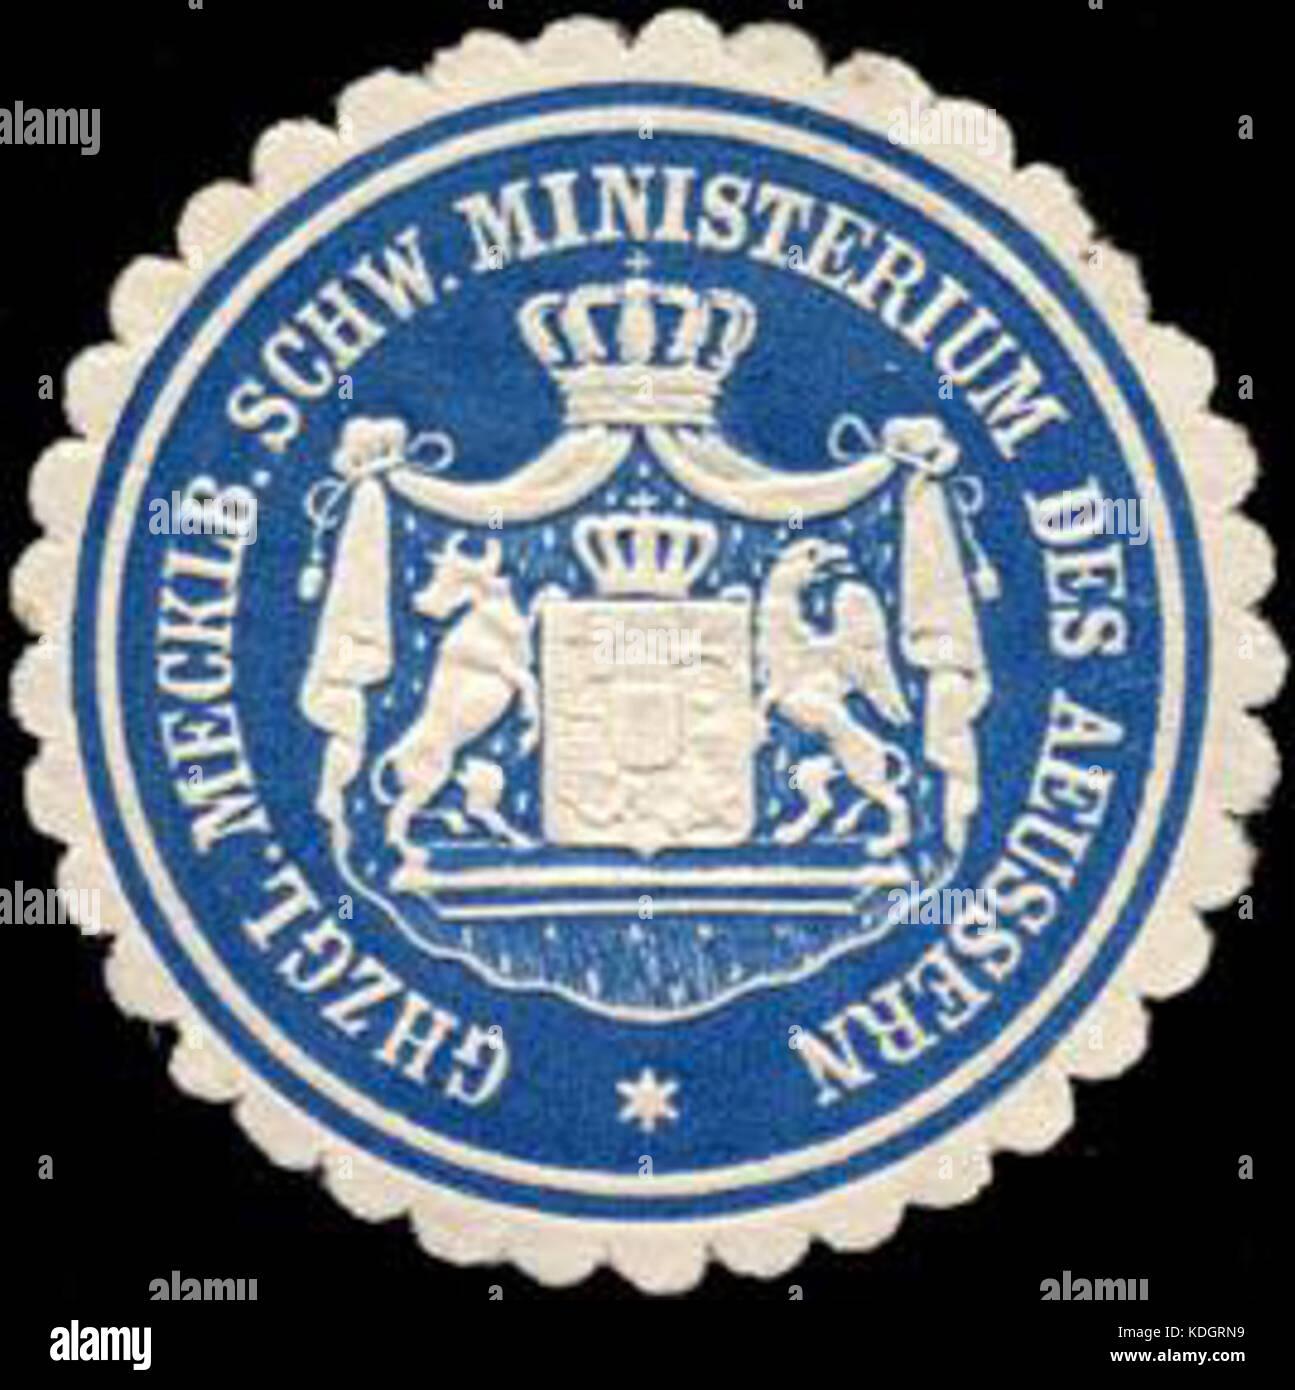 Siegelmarke Grossherzoglich Mecklenburgisch Schw. Ministerium des Aeussern W0211771 - Stock Image